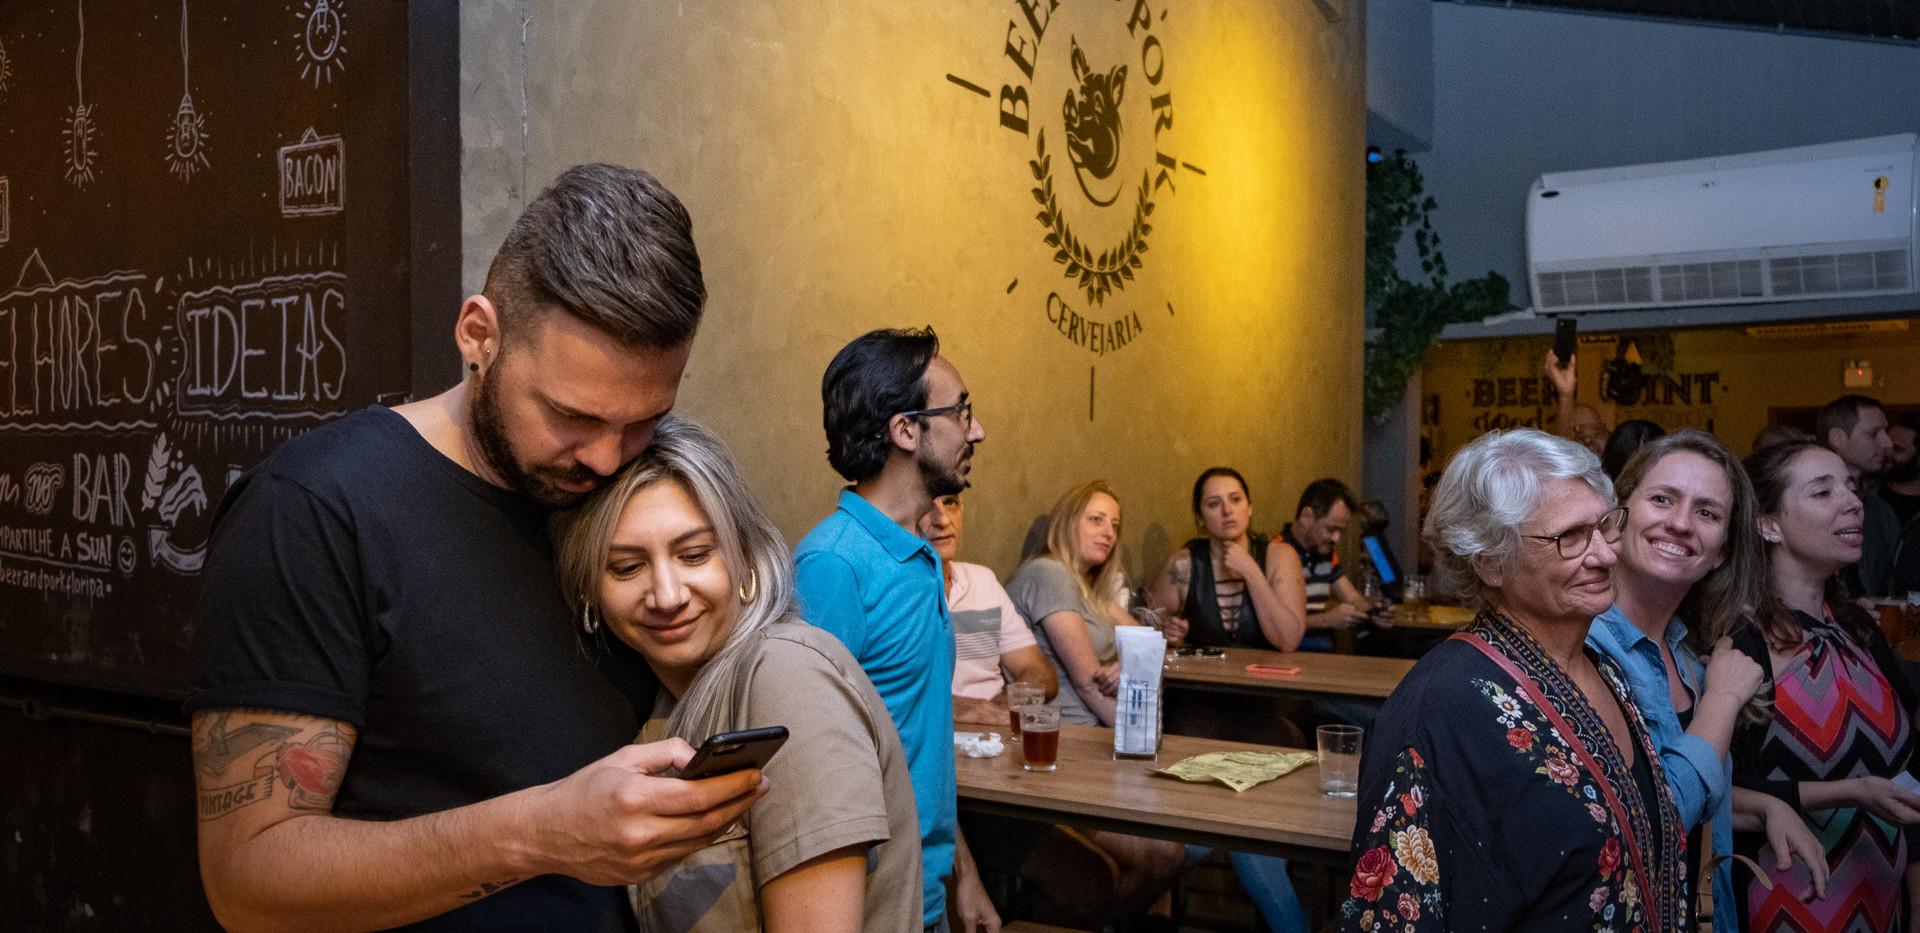 BeerAndPork_2_anos-redes_sociais-131.jpg